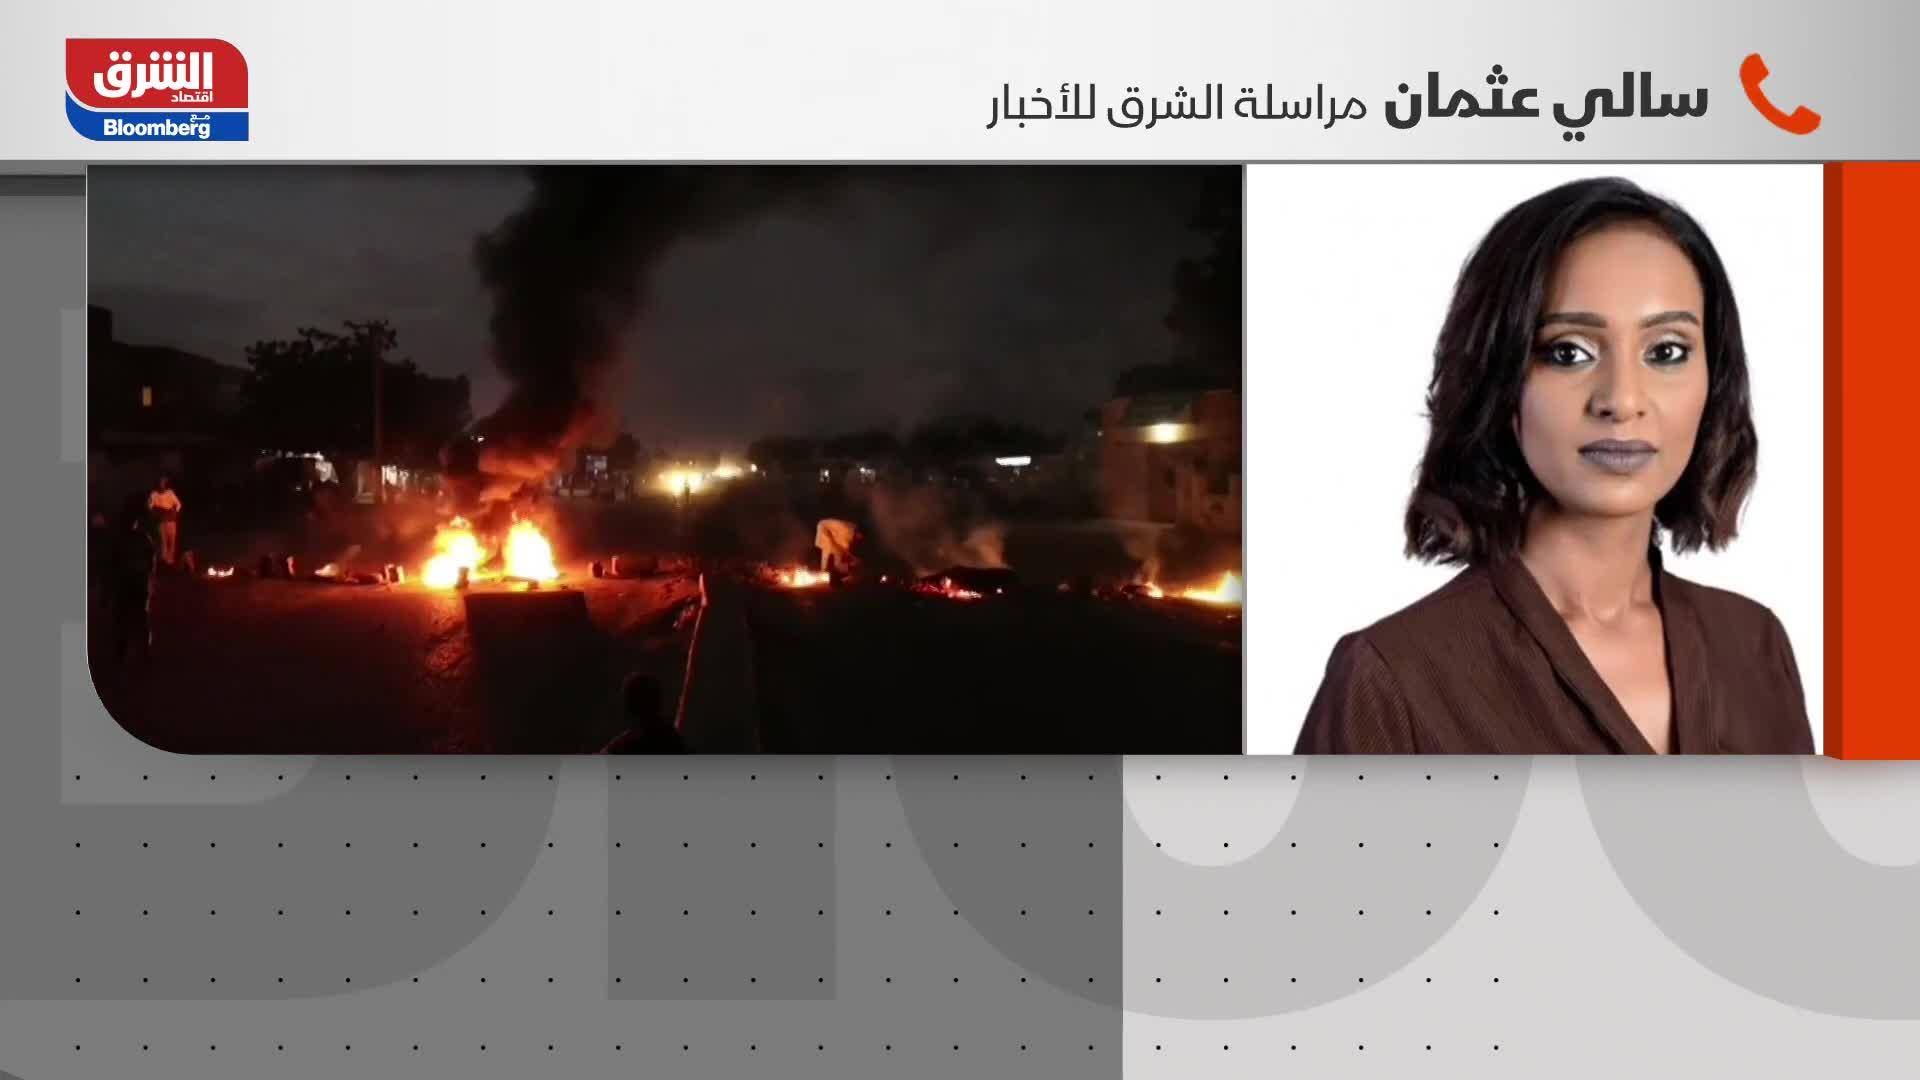 ماذا يحدث حاليا في السودان؟